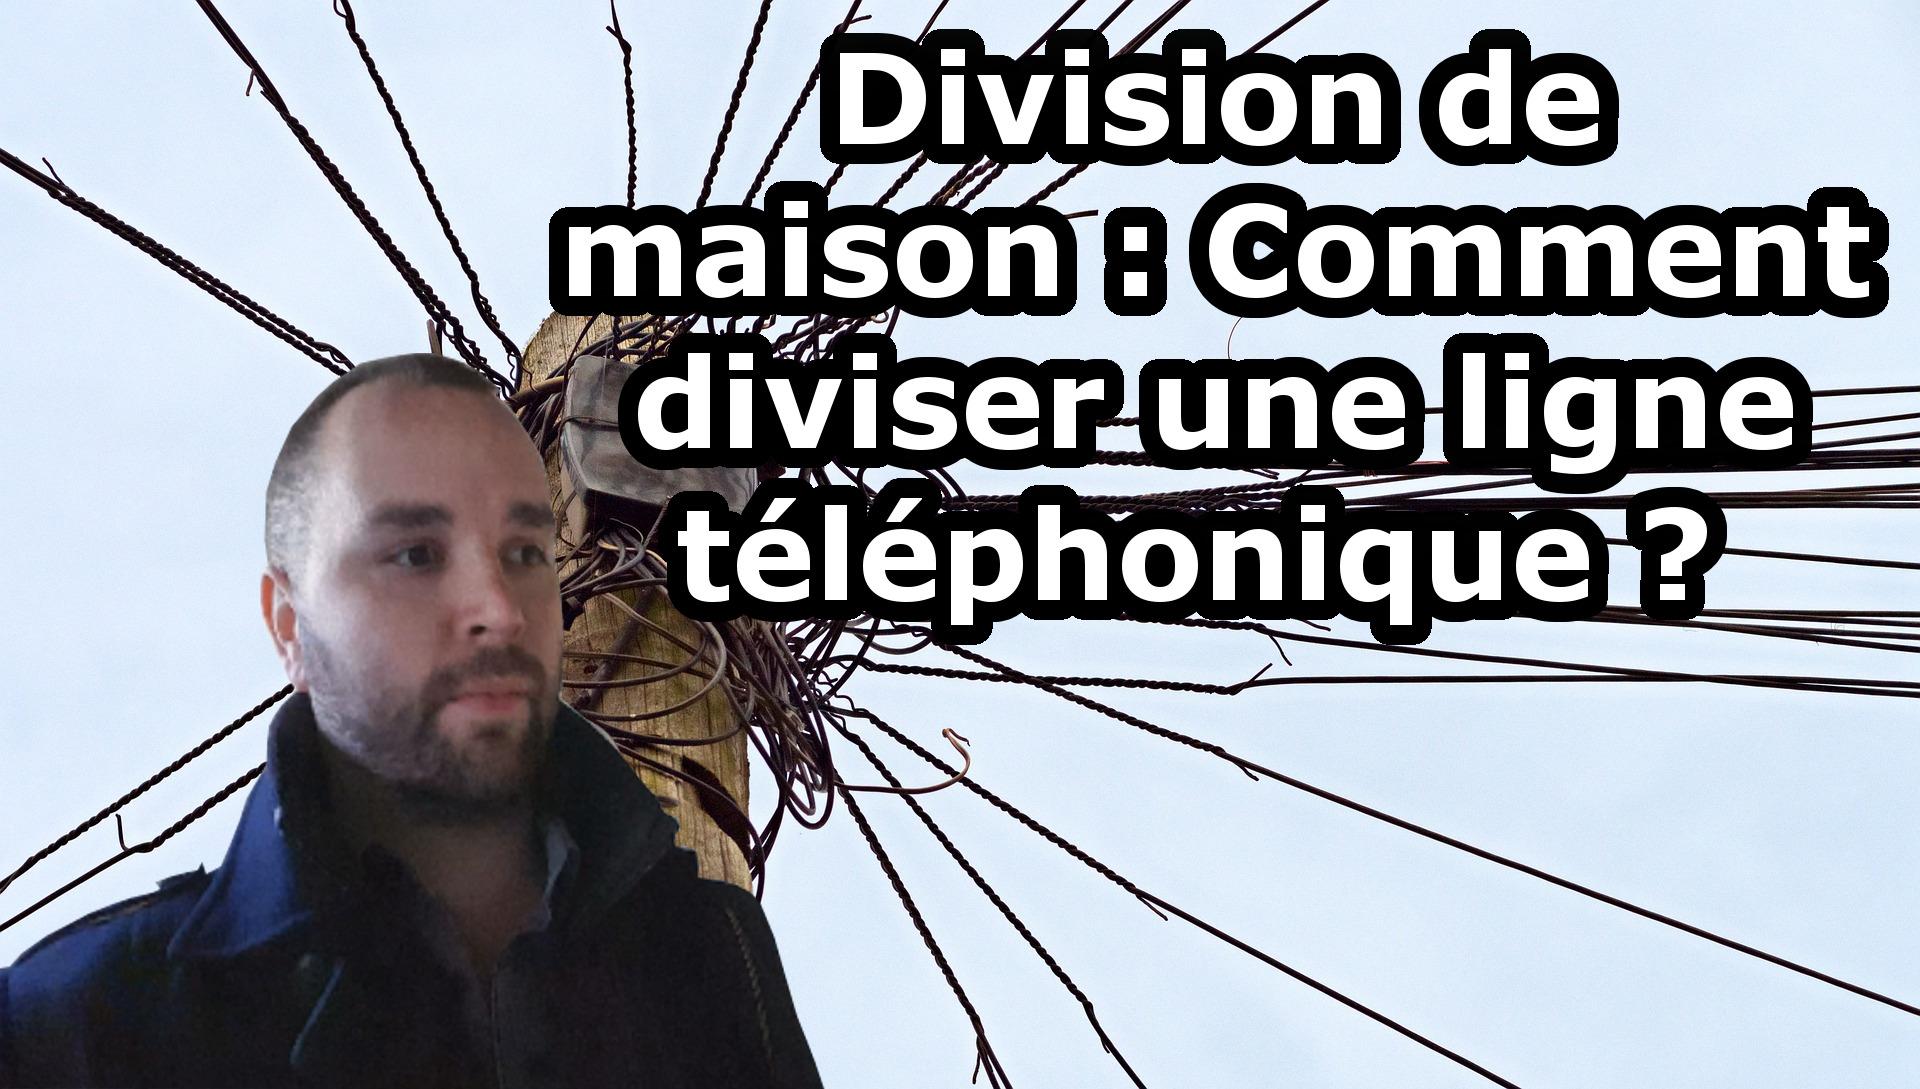 Division de maison : Comment diviser une ligne téléphonique ?